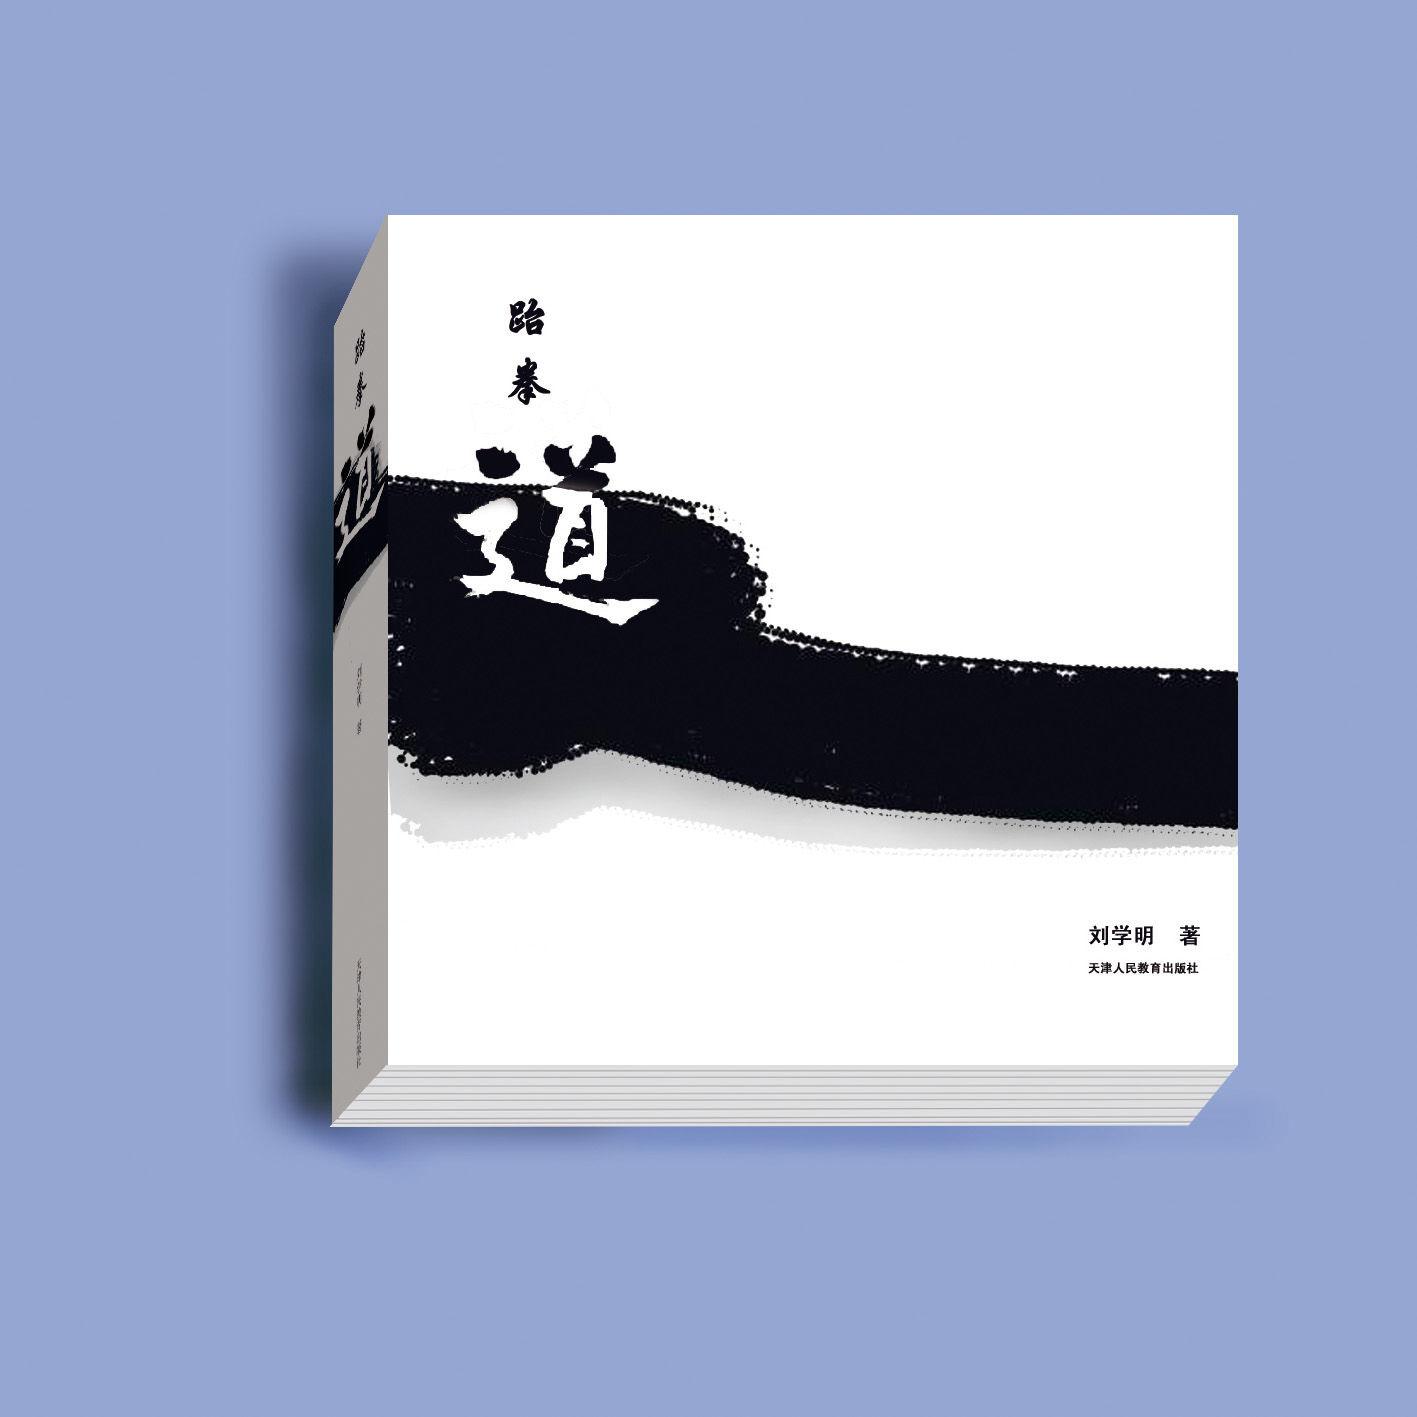 书籍装帧 - 作品 - 相册 - 李凯设计工作室